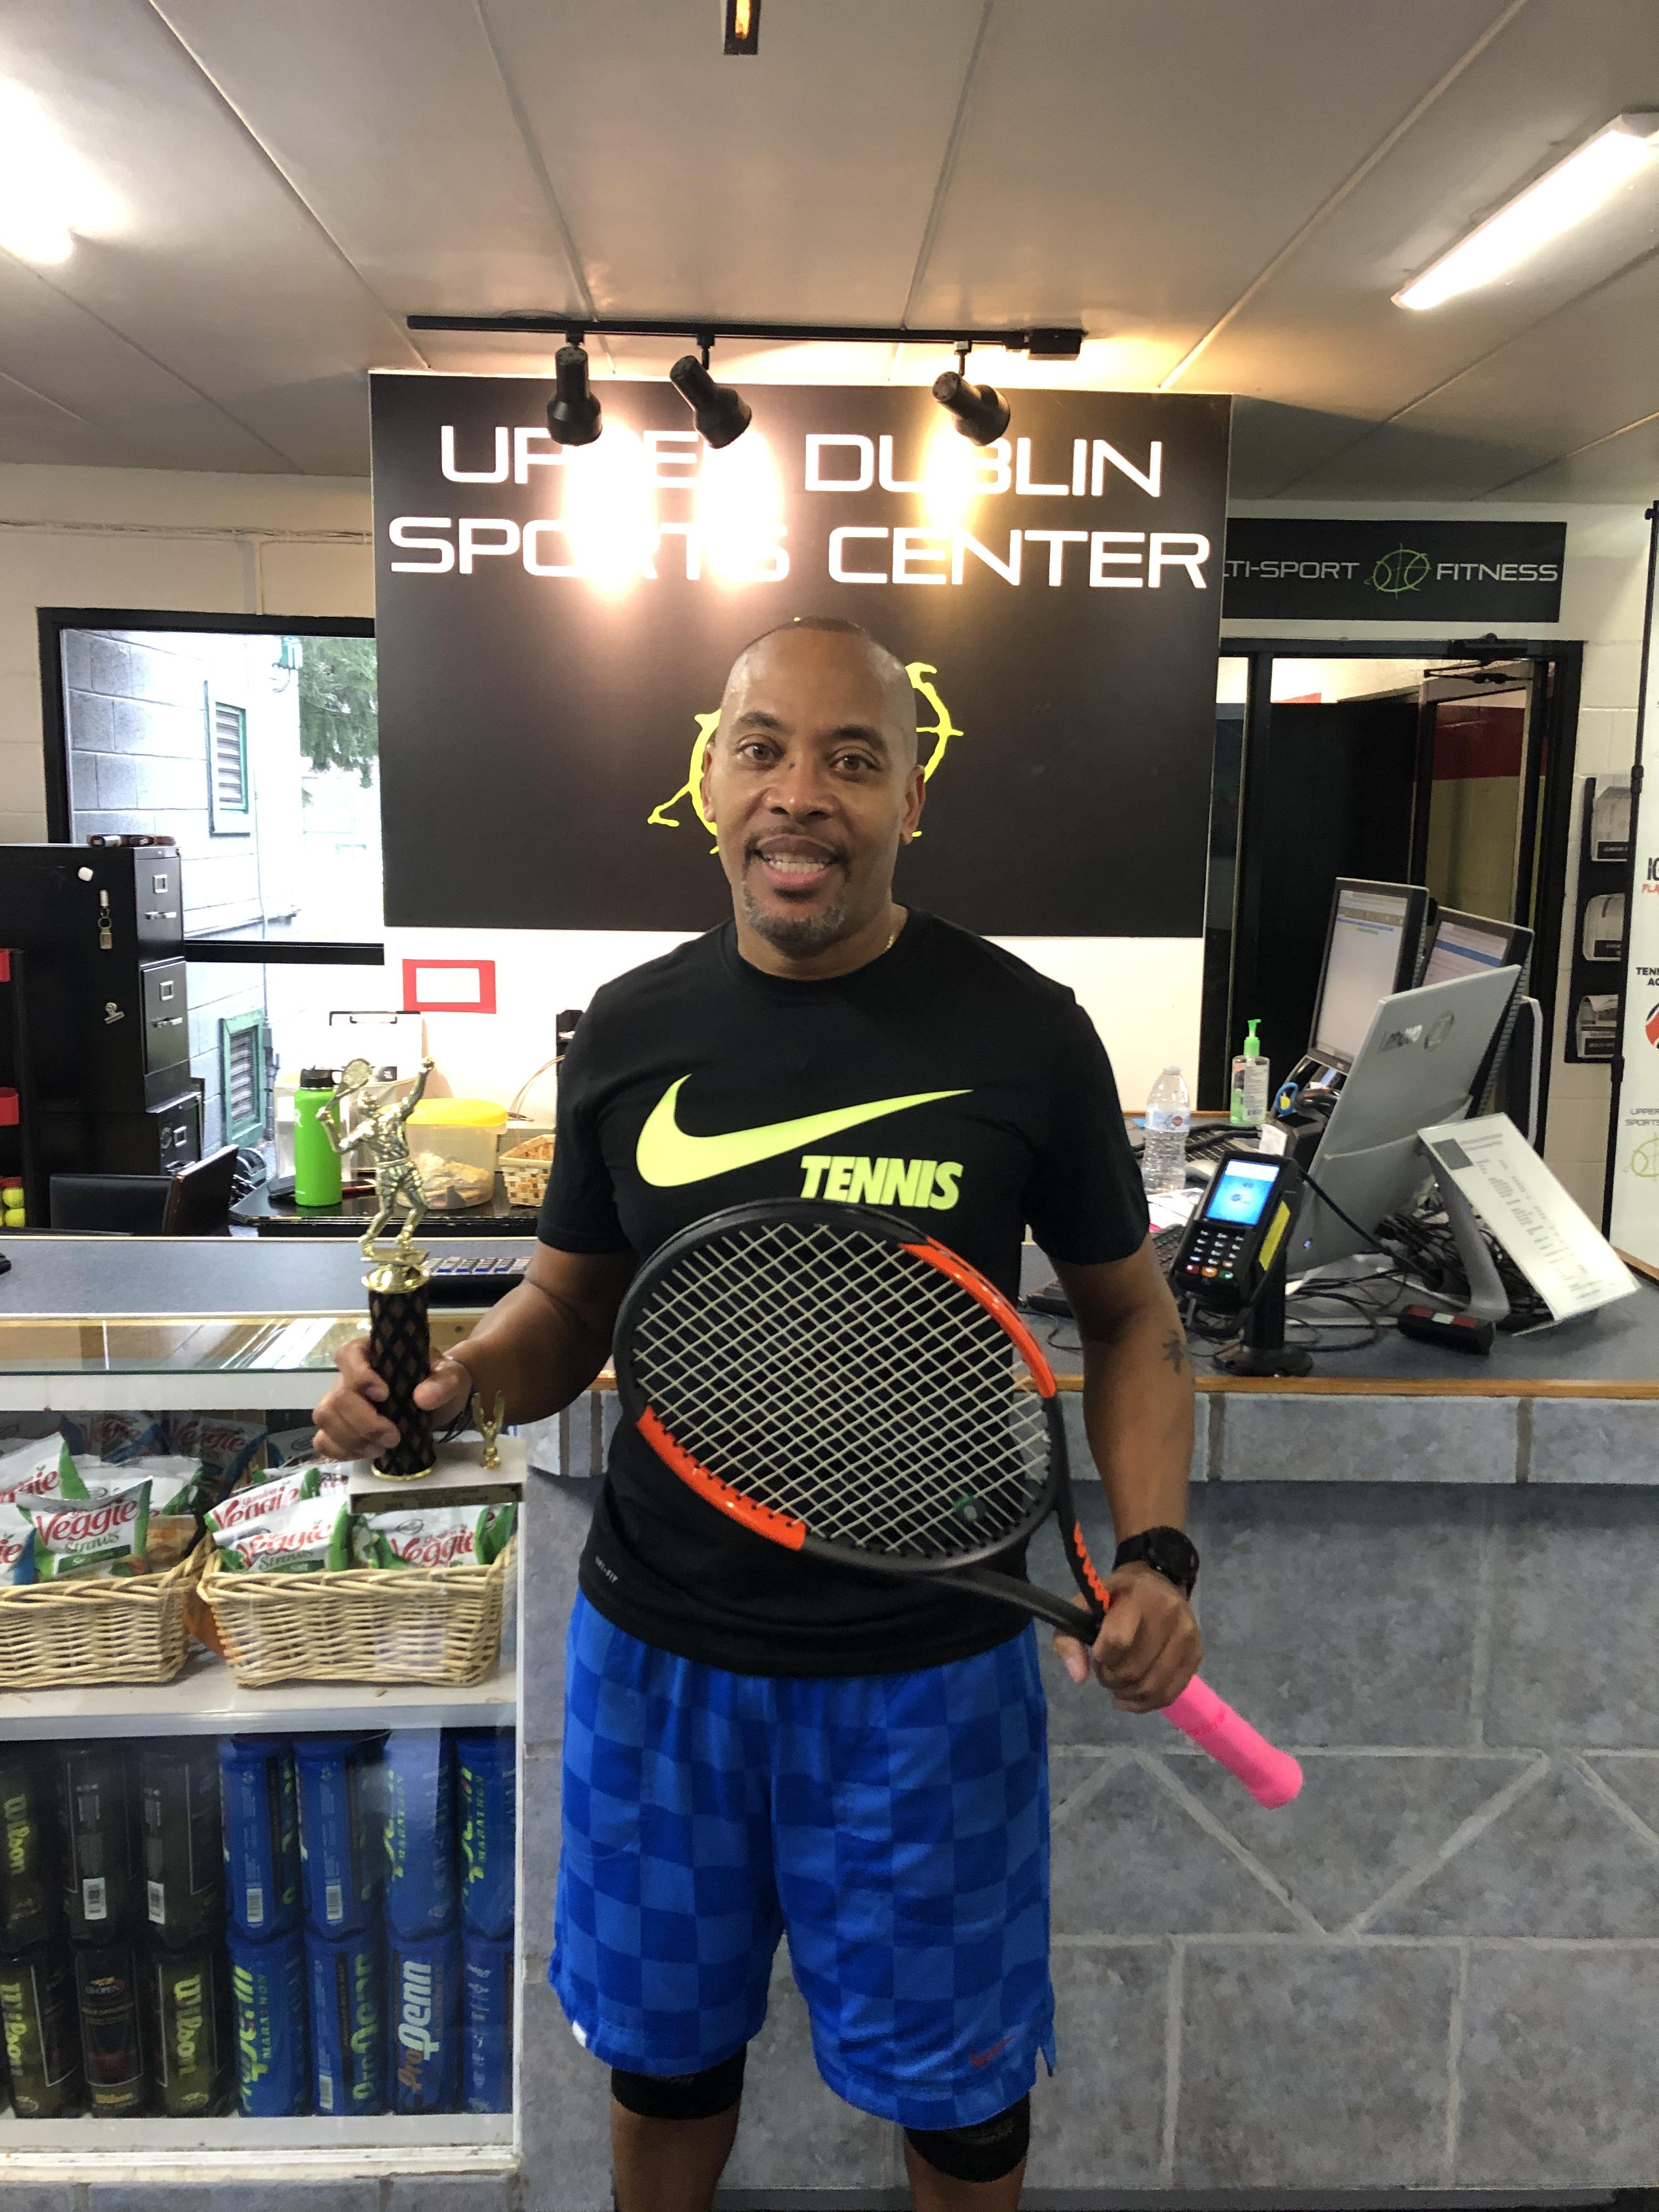 Keith_tennis